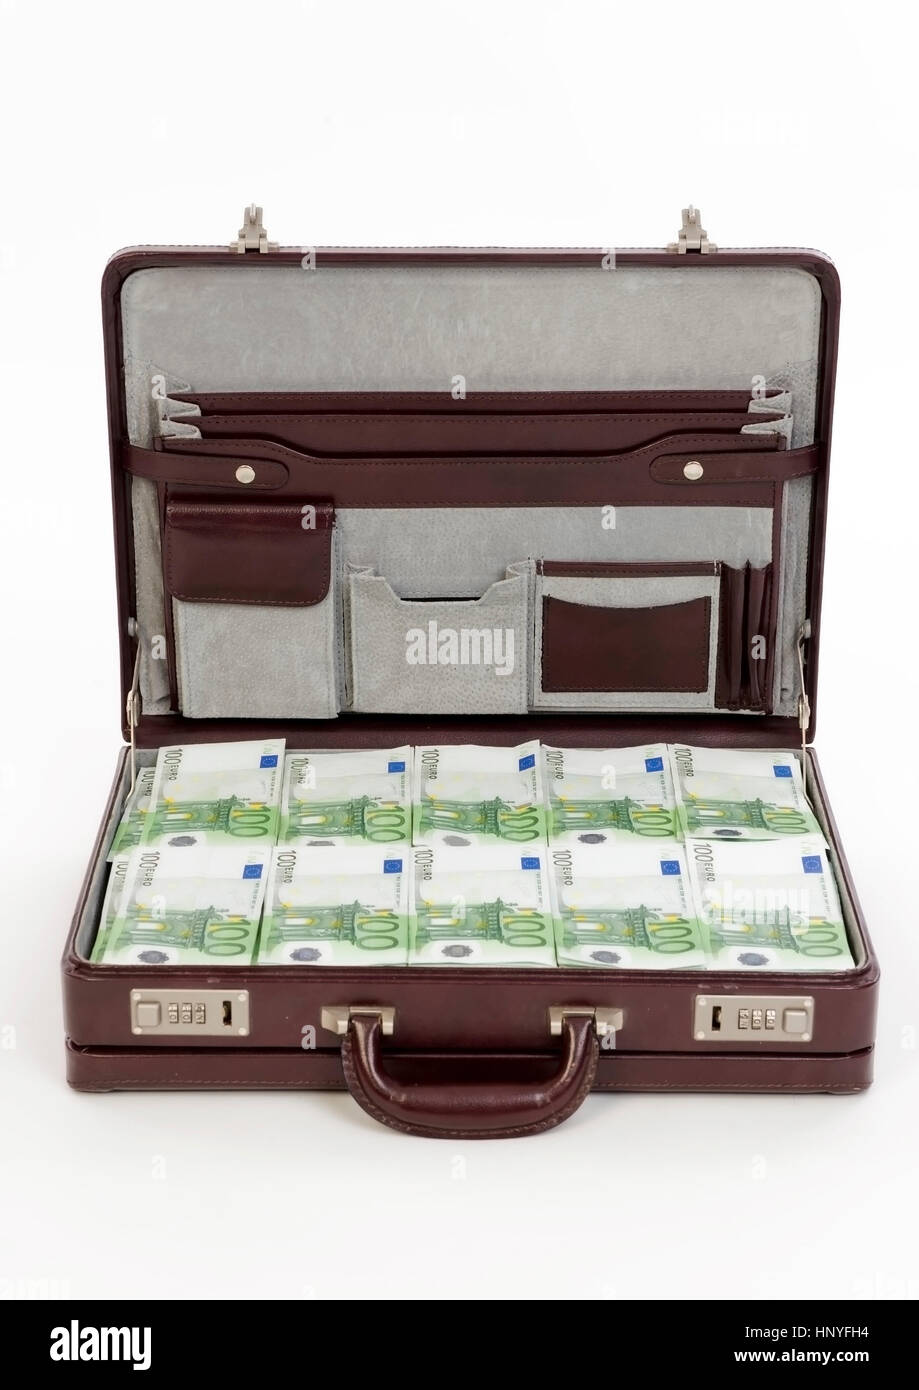 Voller Geldkoffer - full money bag - Stock Image